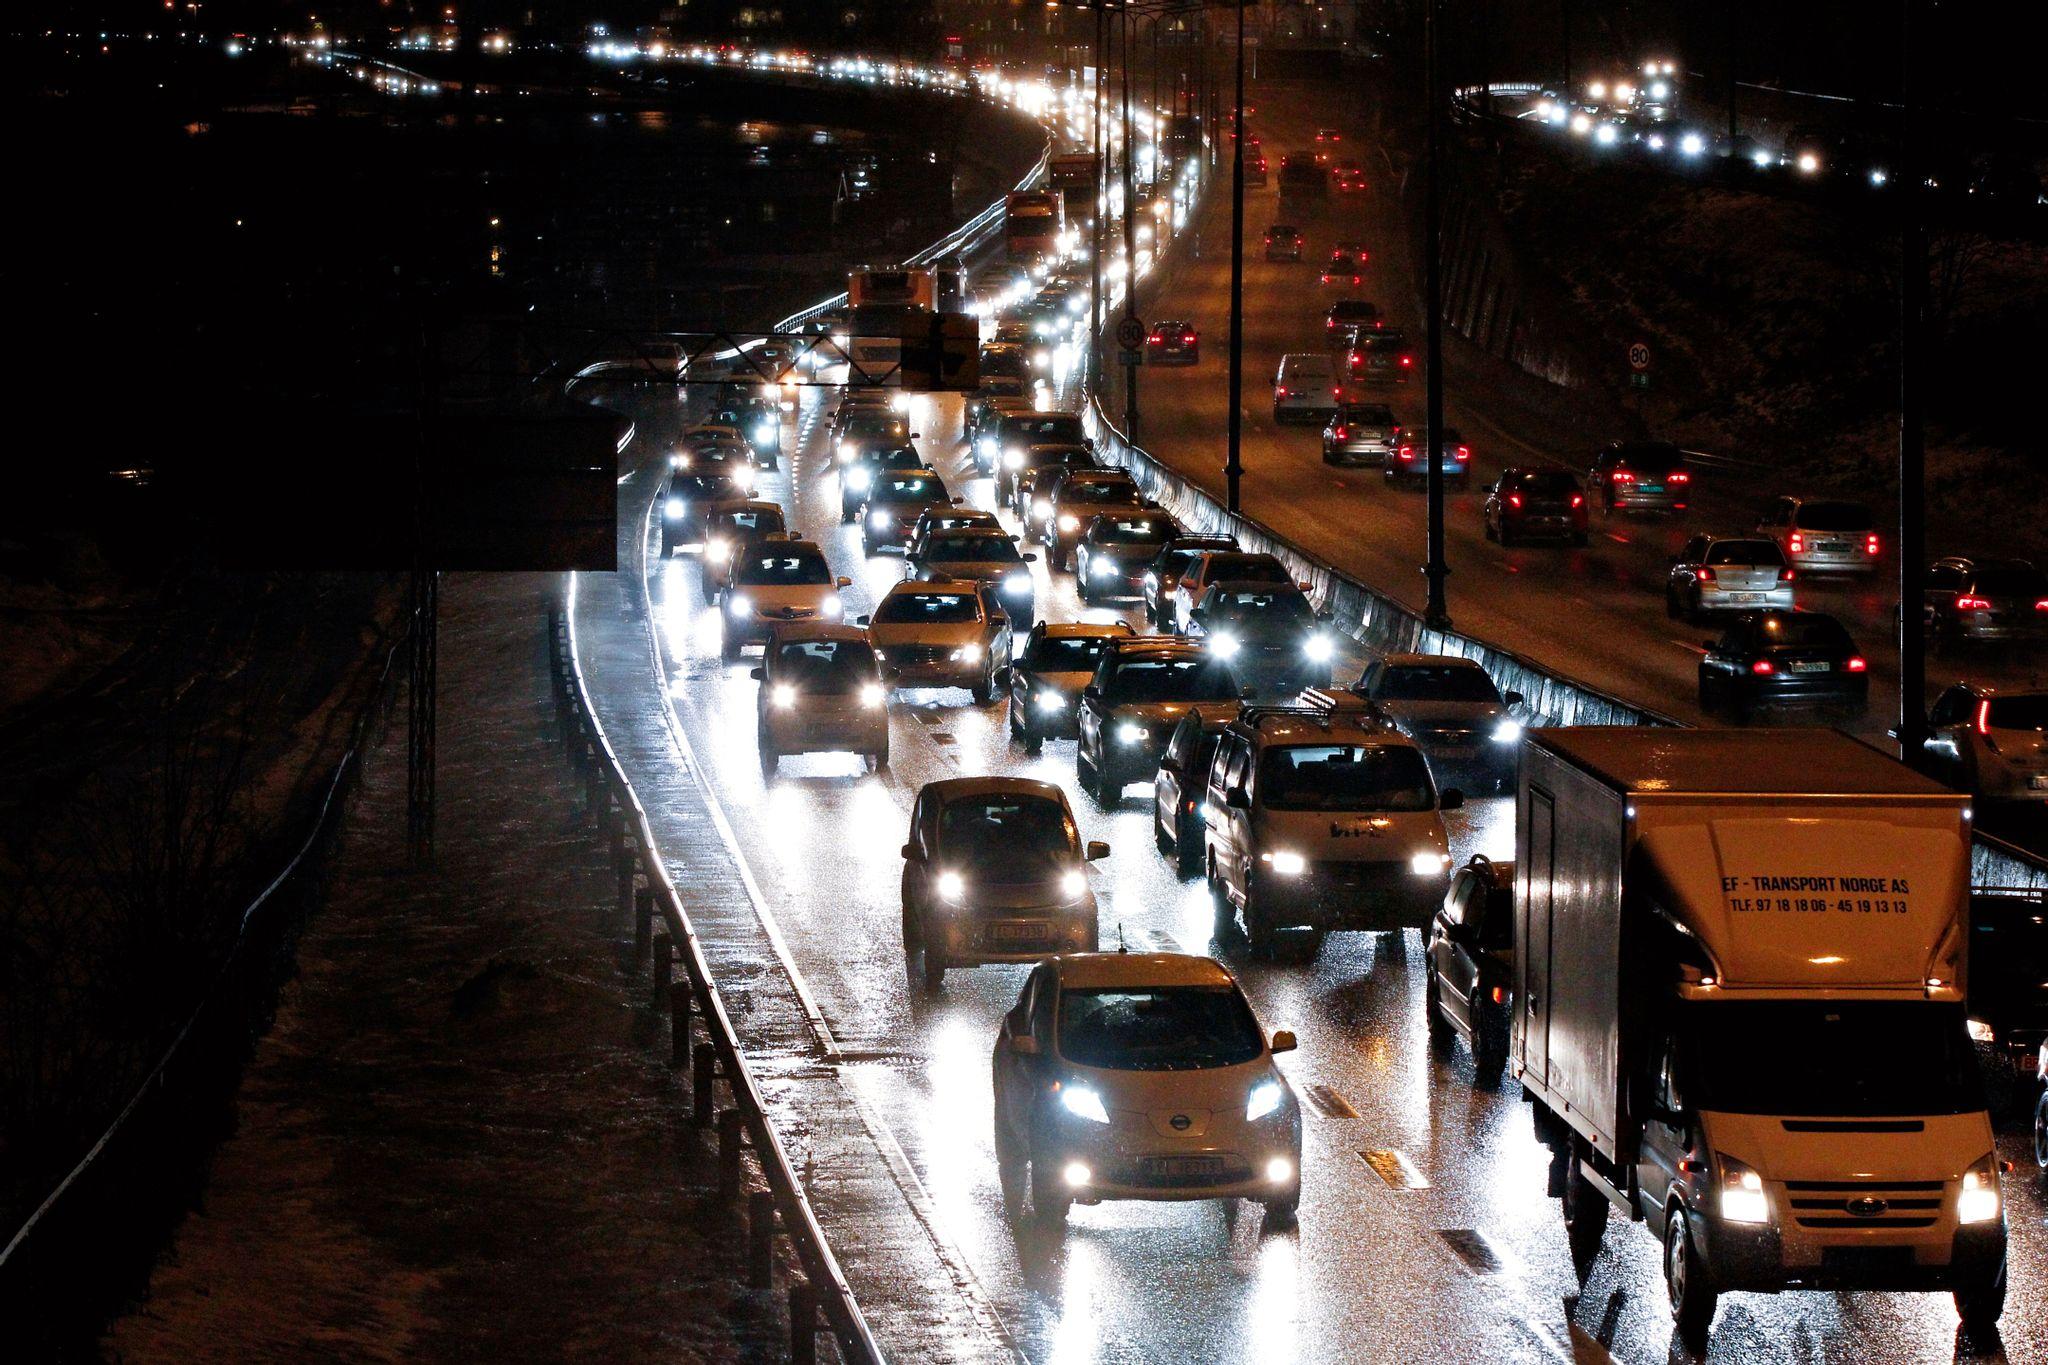 attantene oppfordrer norske bedrifter til å bidra til å avvikle rushtrafikken. Foto: Ørn Borgen